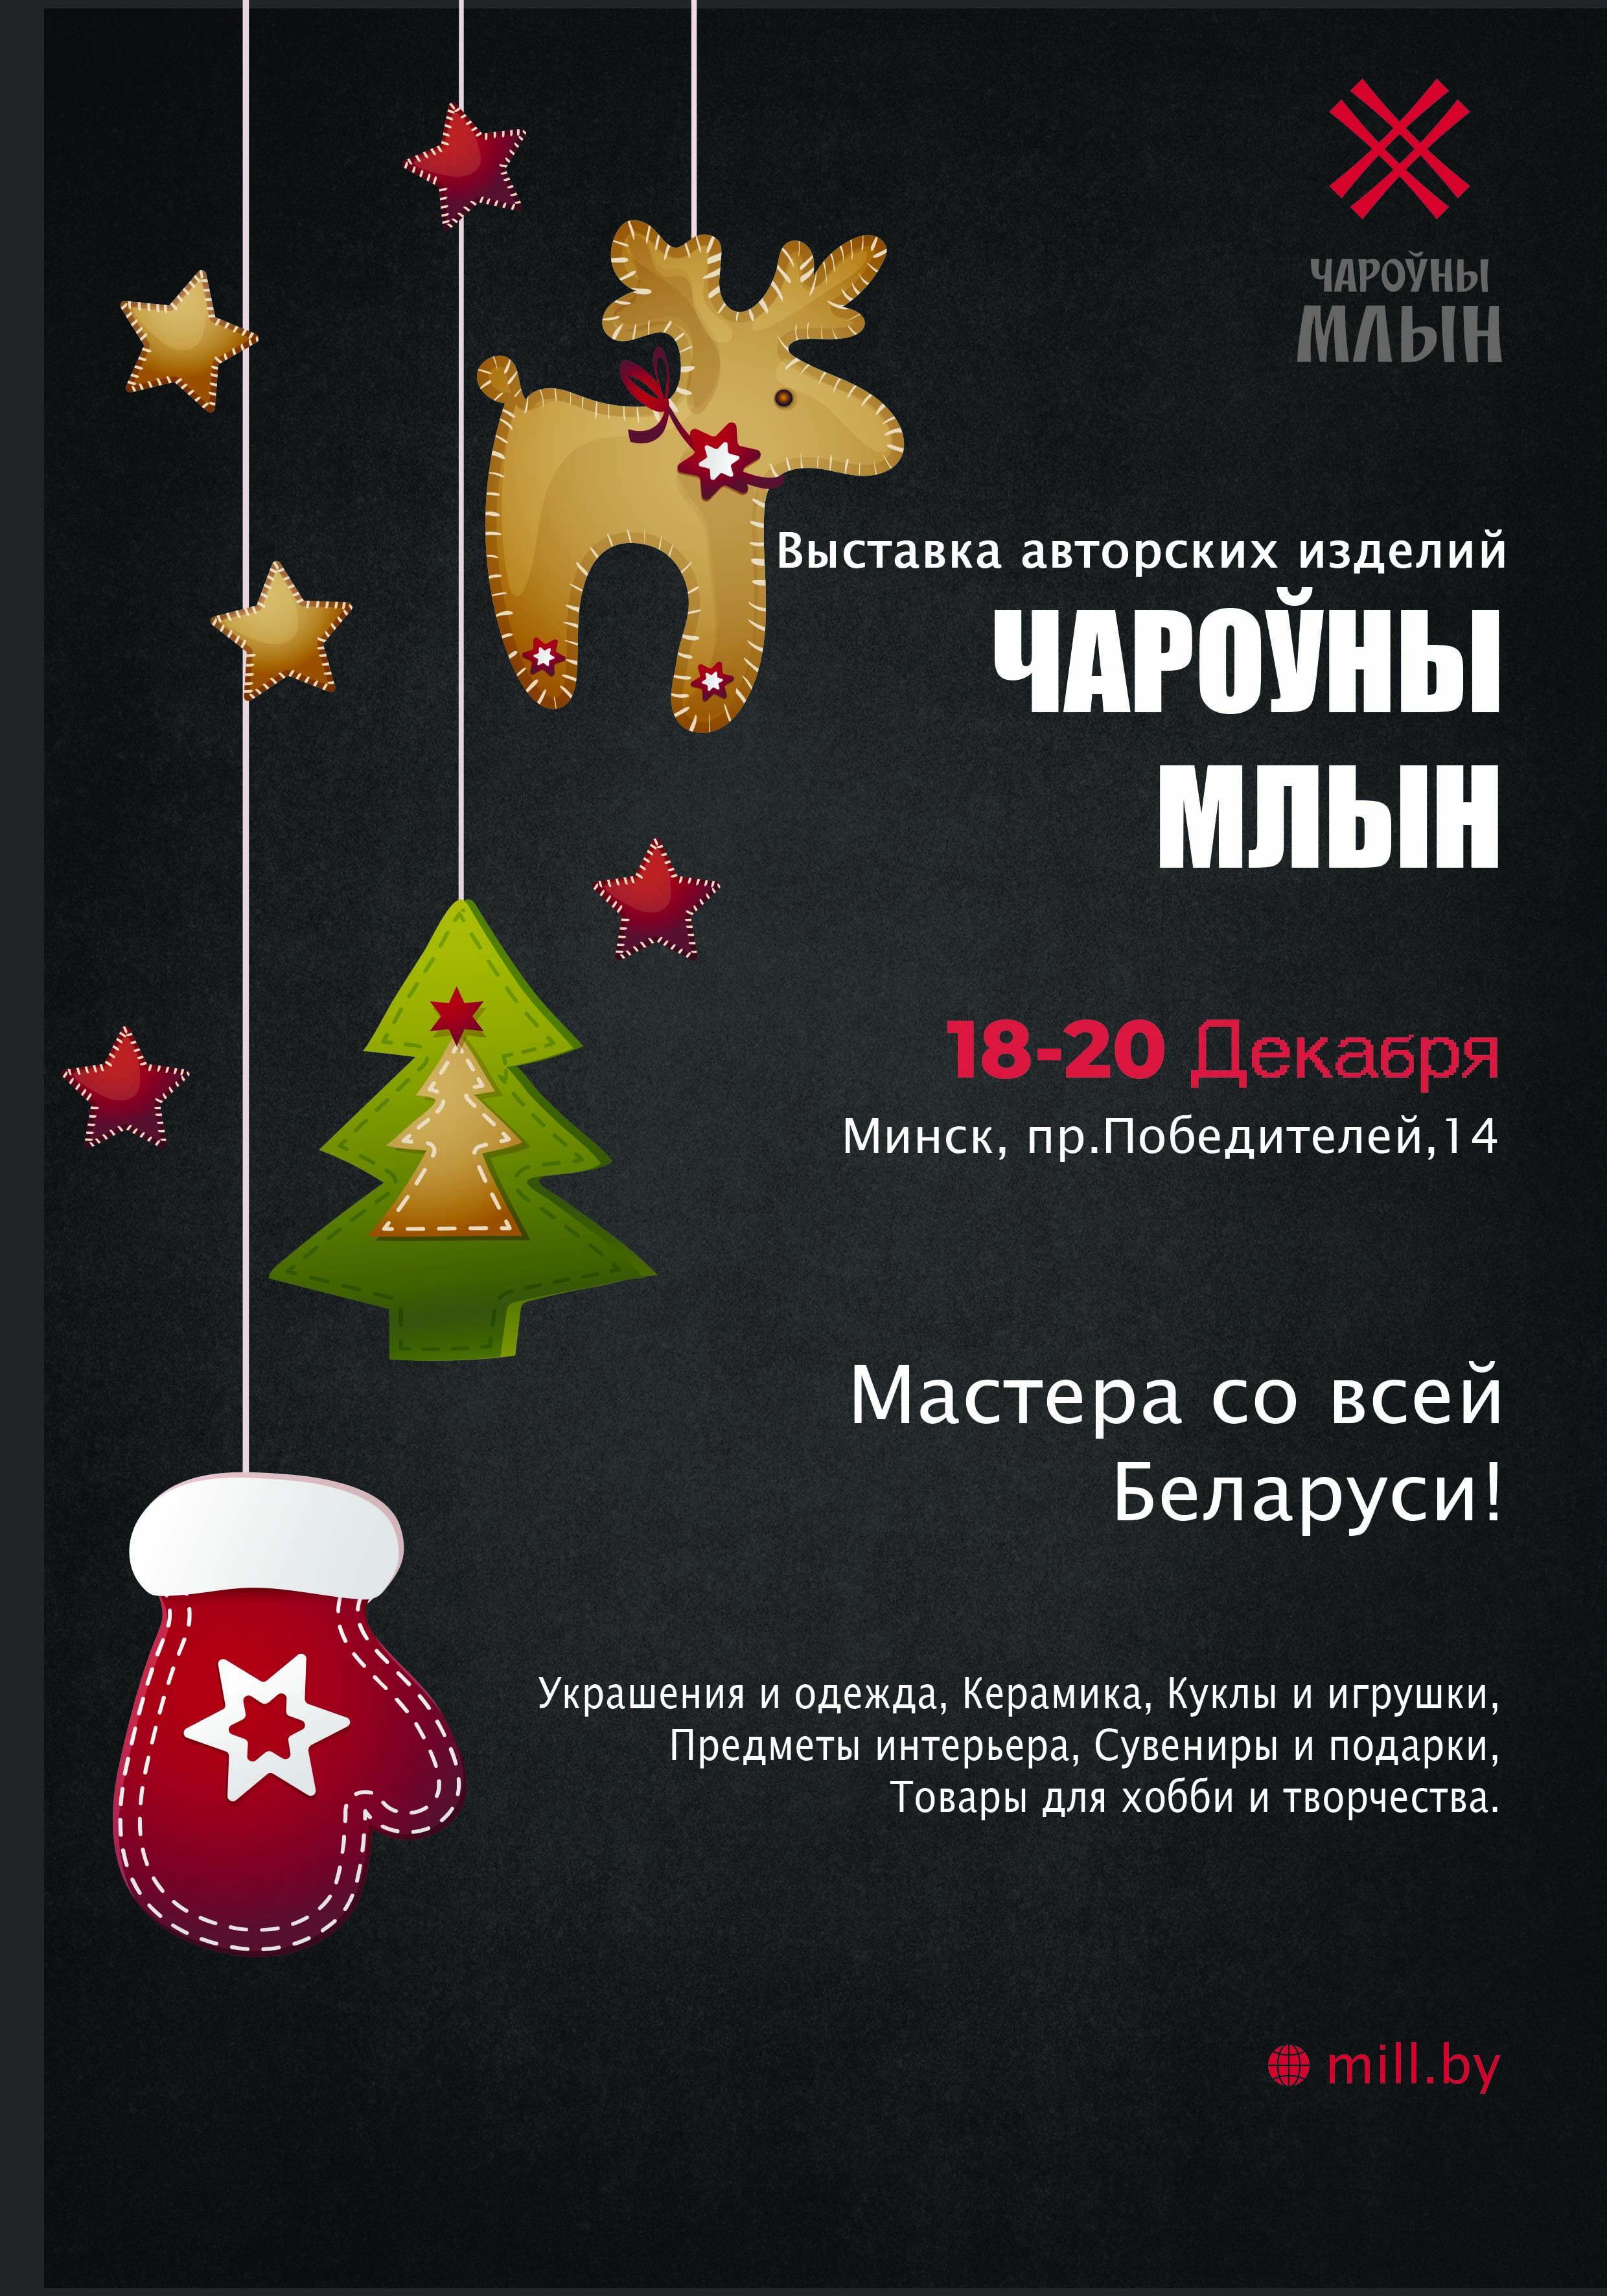 Дизайн новогодней афиши для выставки изделий ручной работы фото f_0405f903f15861d9.jpg